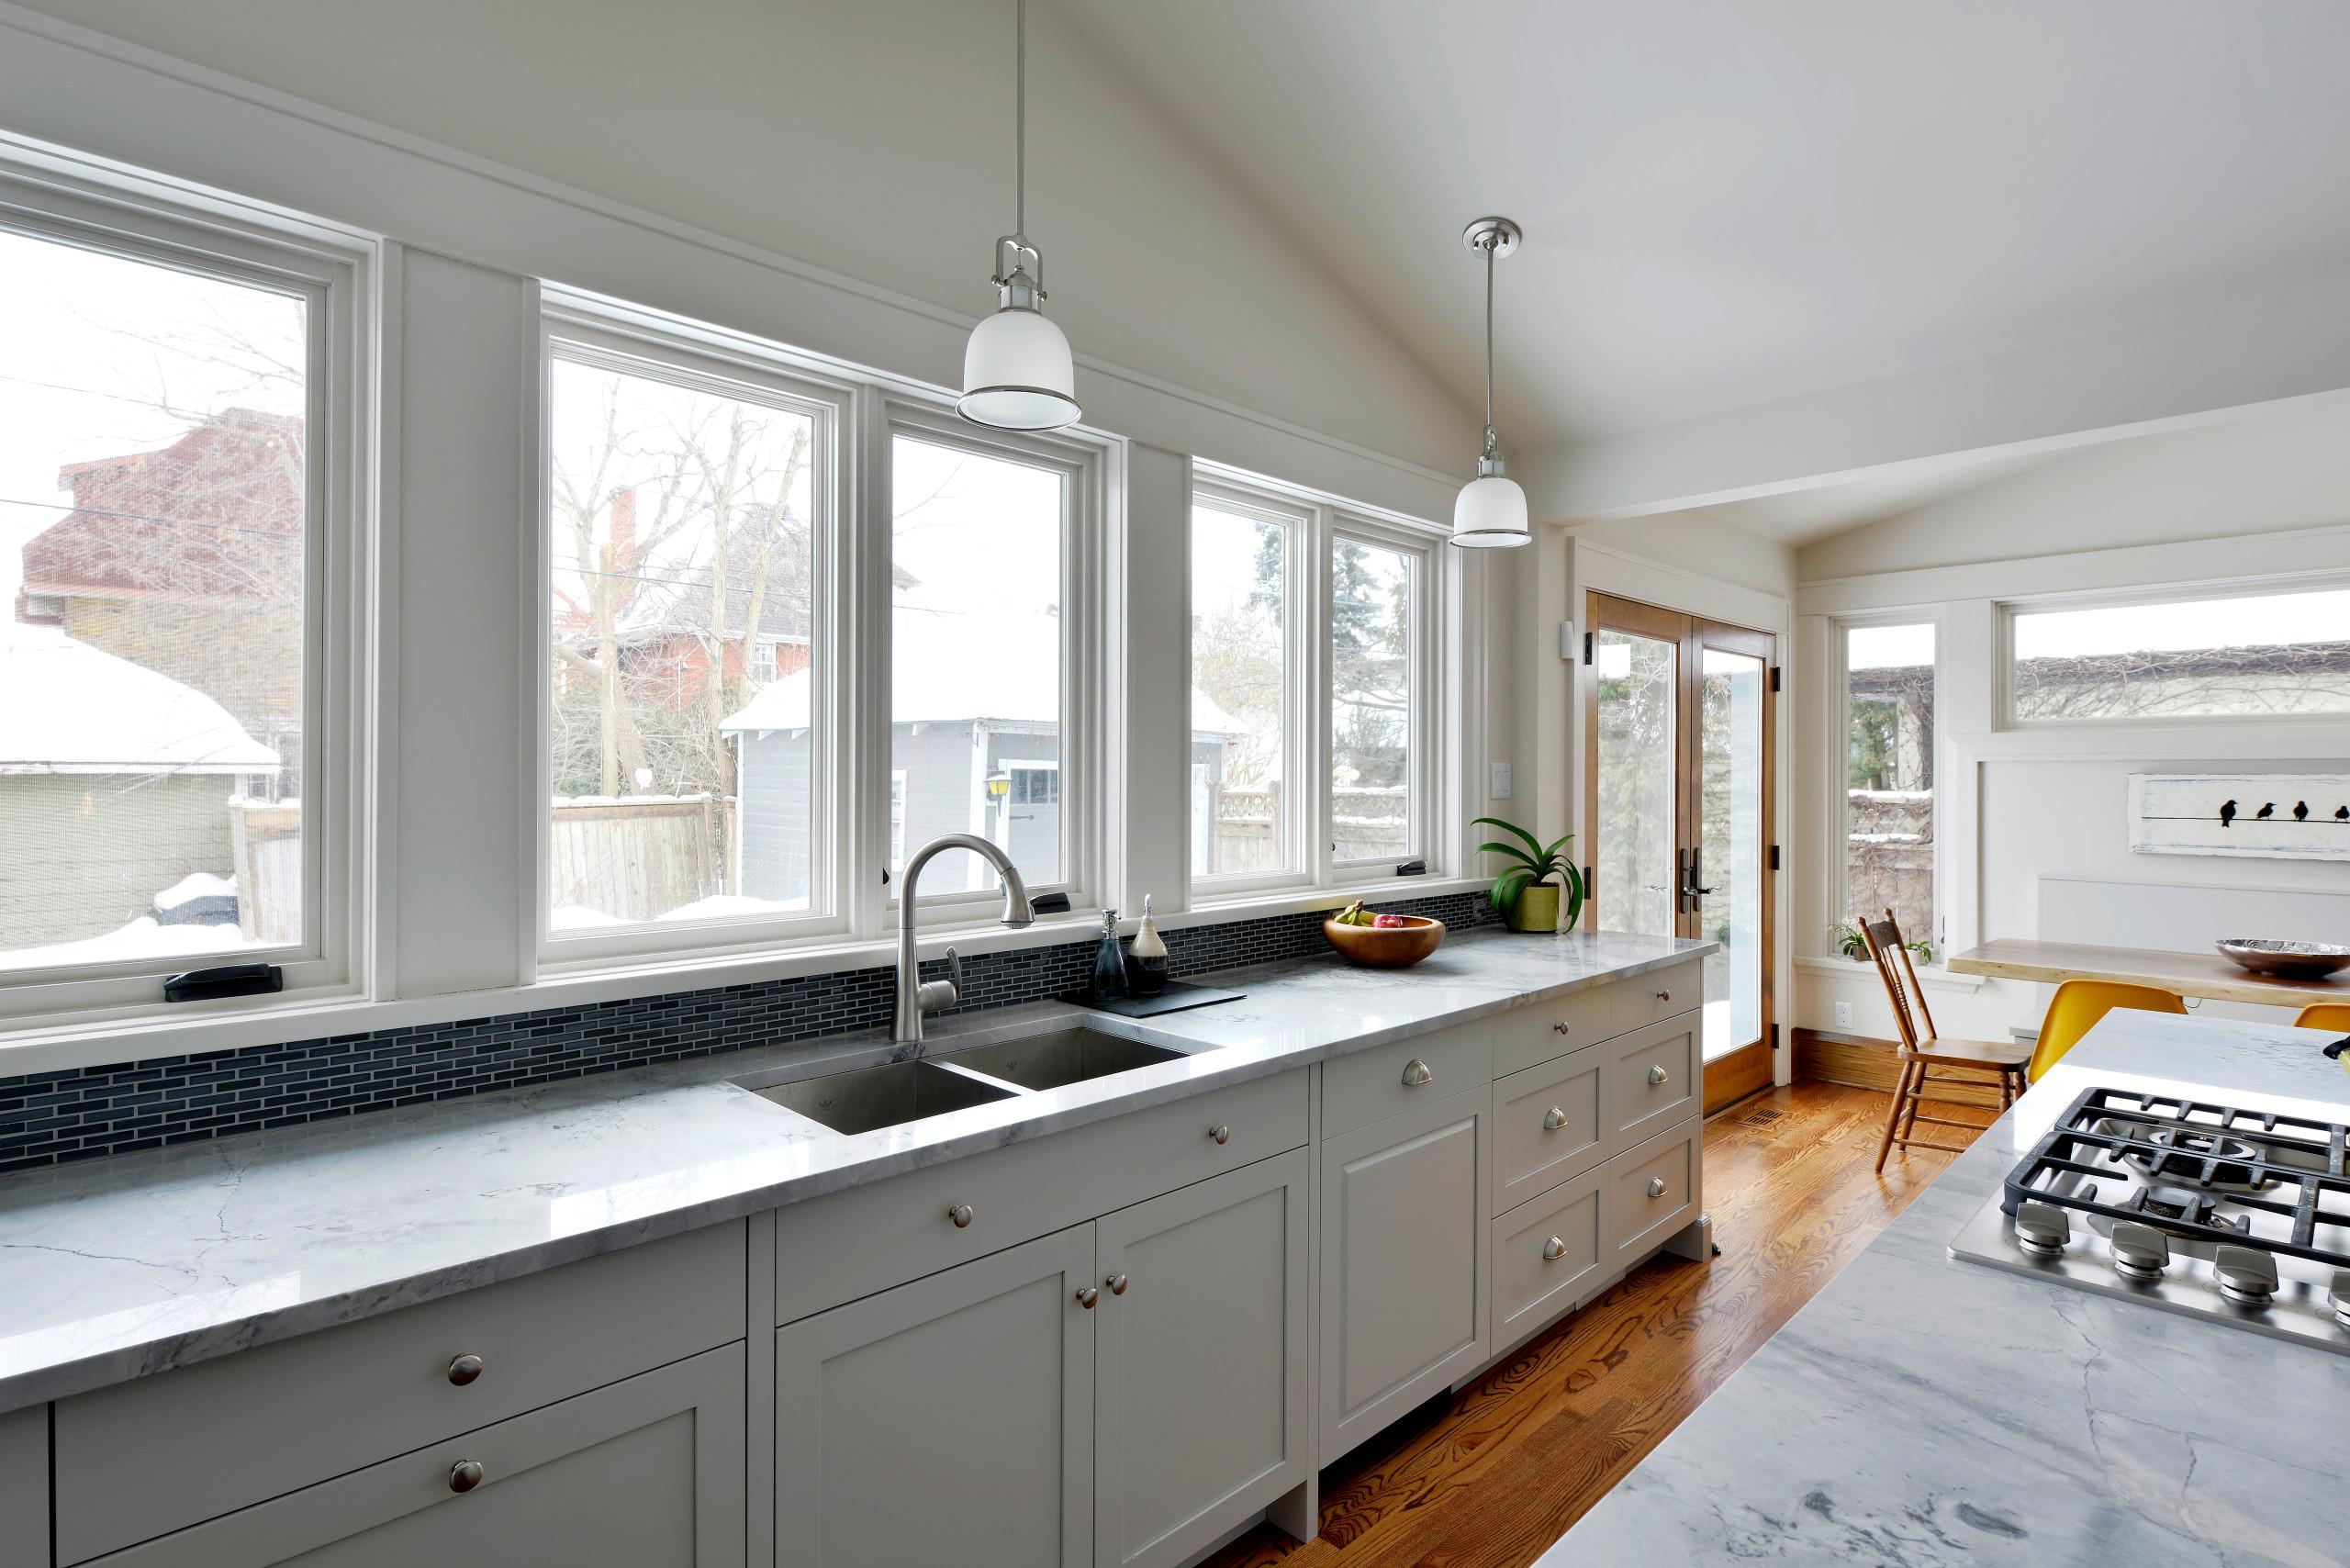 A 4-inch kitchen backsplash